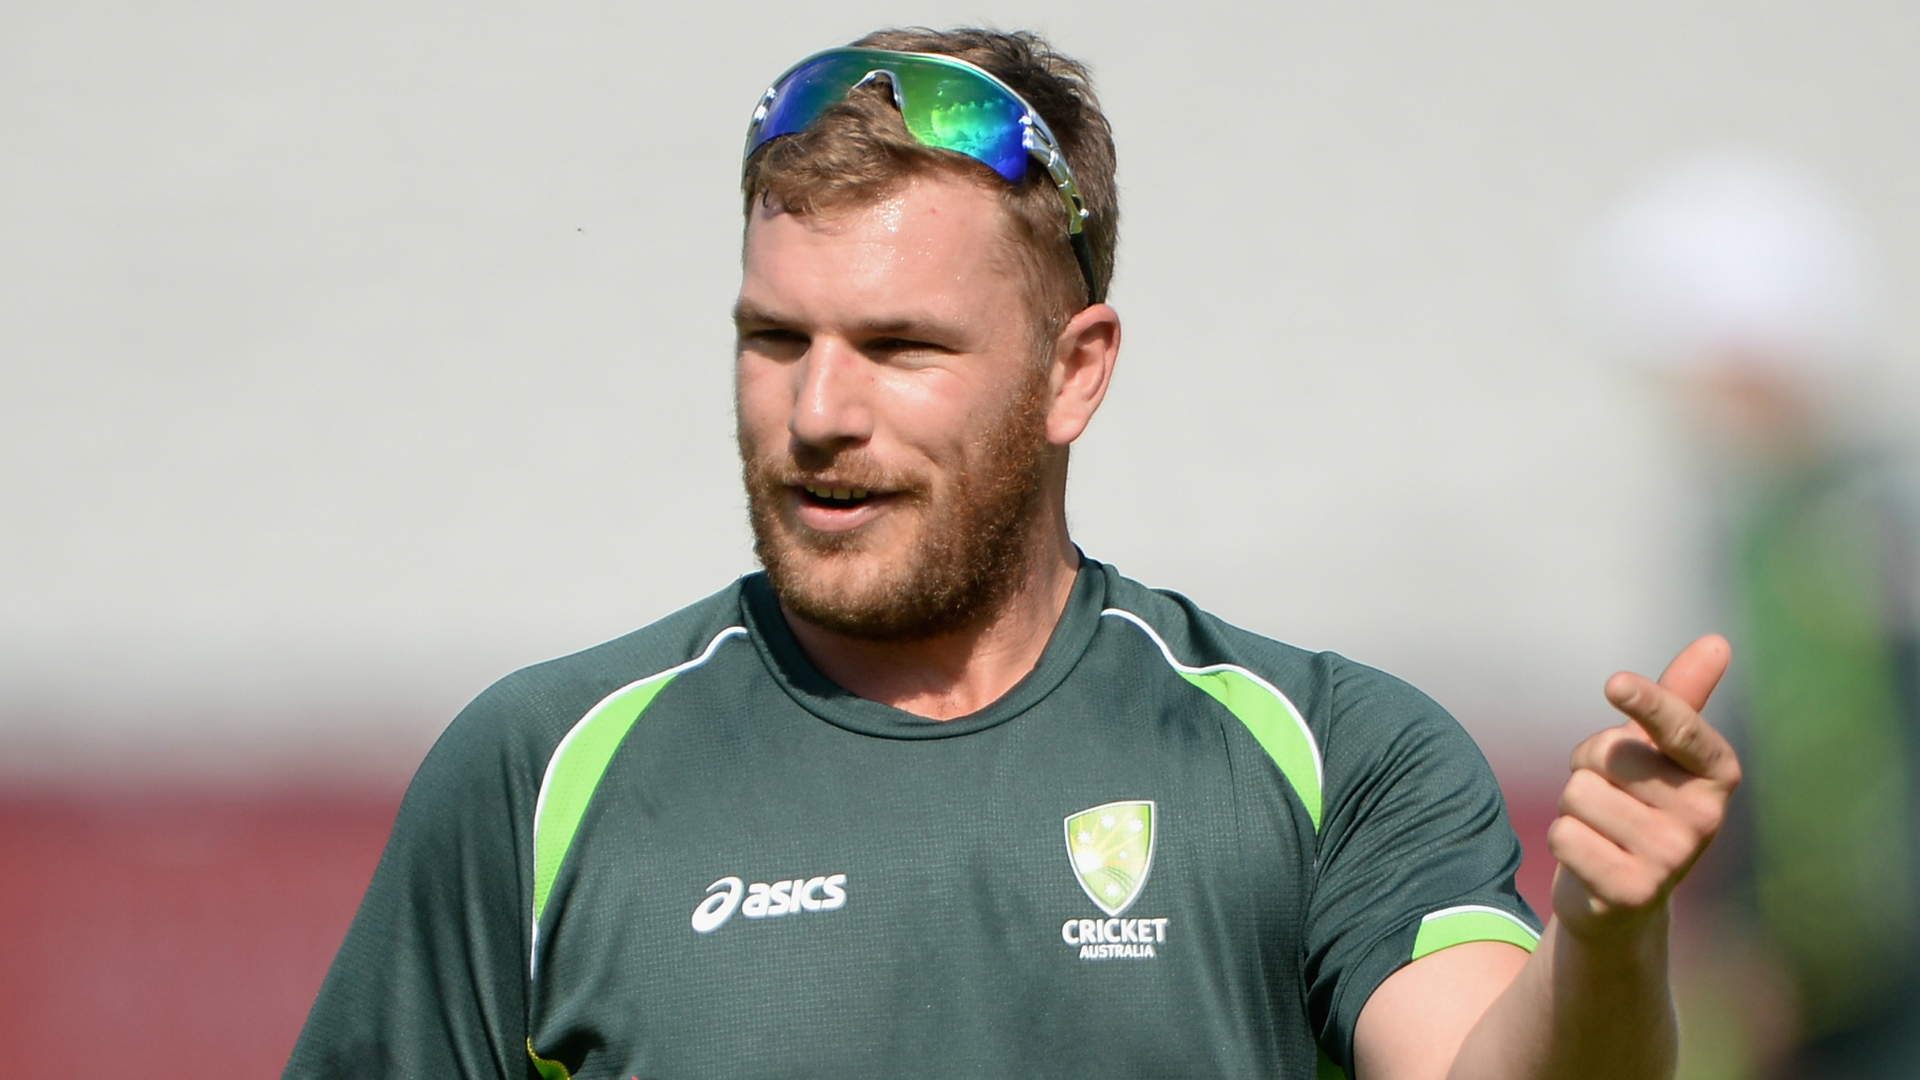 एरोन फिंच के अनुसार नई ऑस्ट्रेलियाई टीम और नए कॉच के लिए हैं बहुत से अवसर